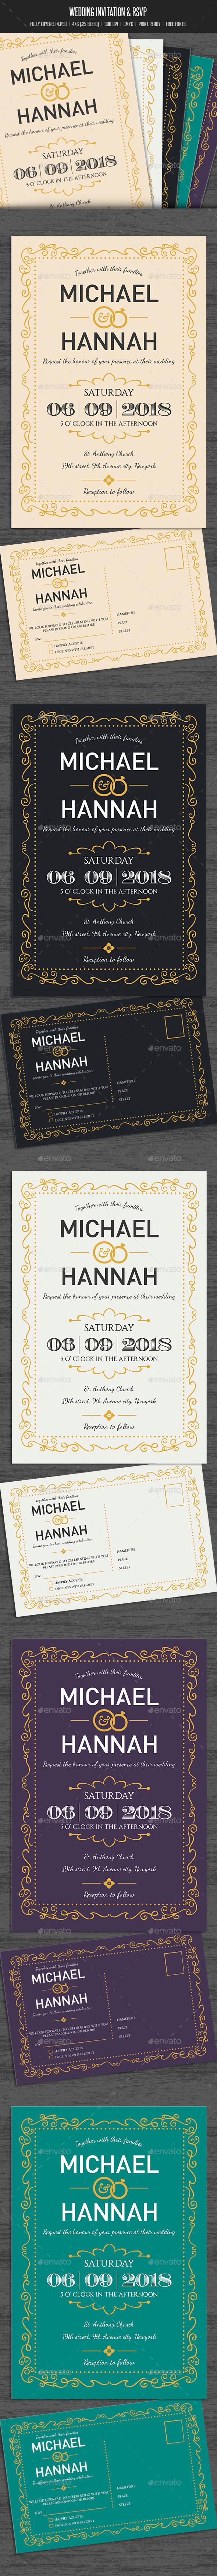 Simple Wedding Invitation & RSVP  - Weddings Cards & Invites